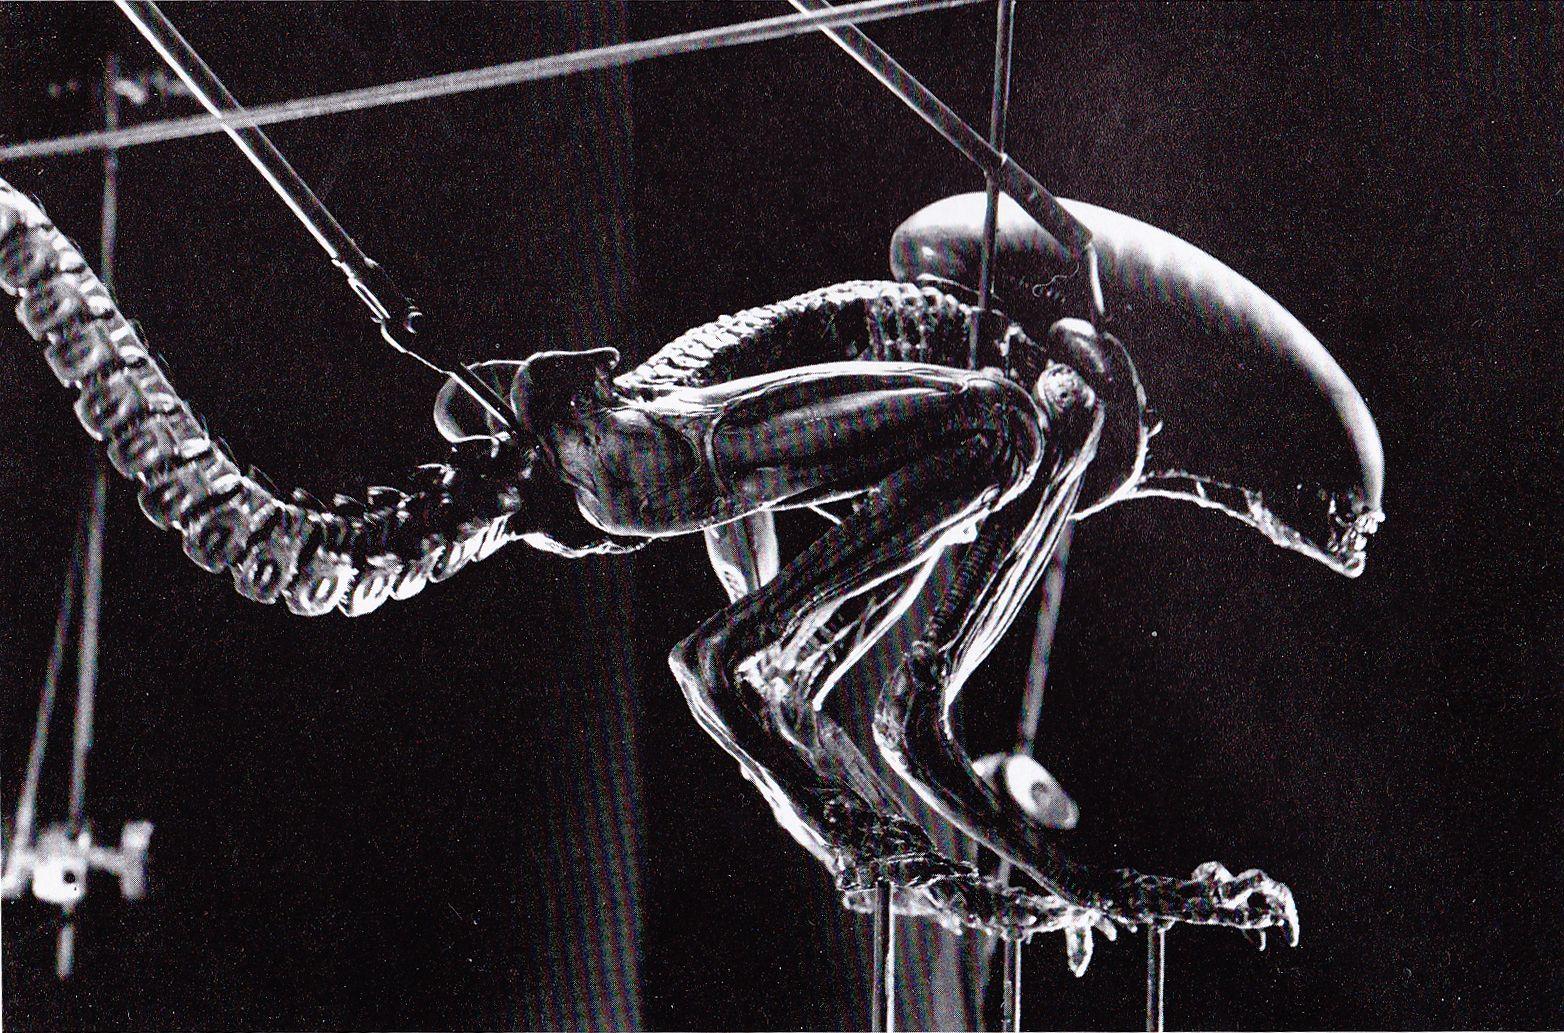 Alien3 Alien adult puppet Alien vs predator, Alien vs